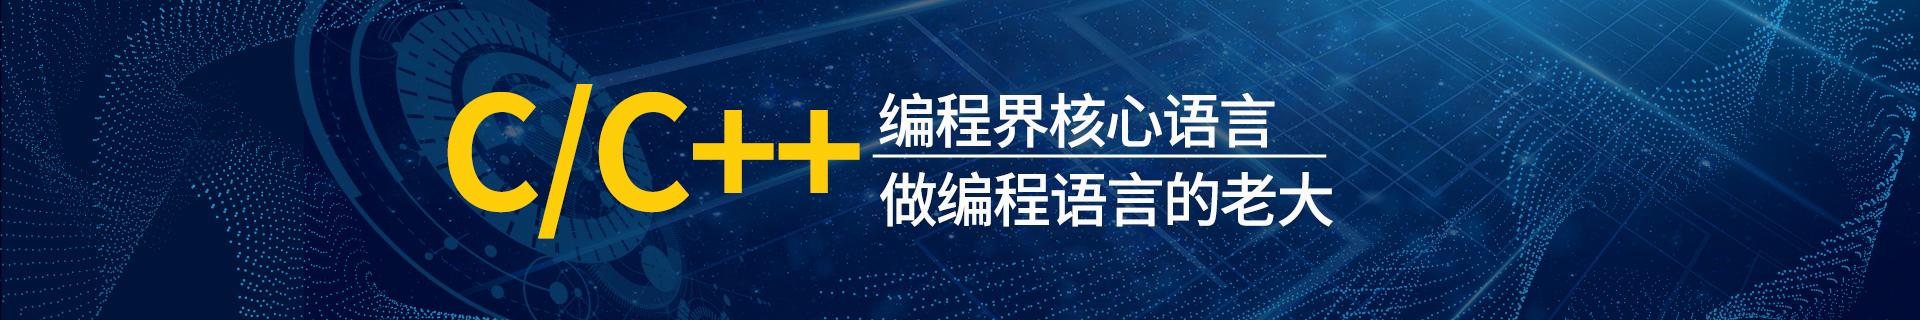 深圳福田CBD达内IT教育培训